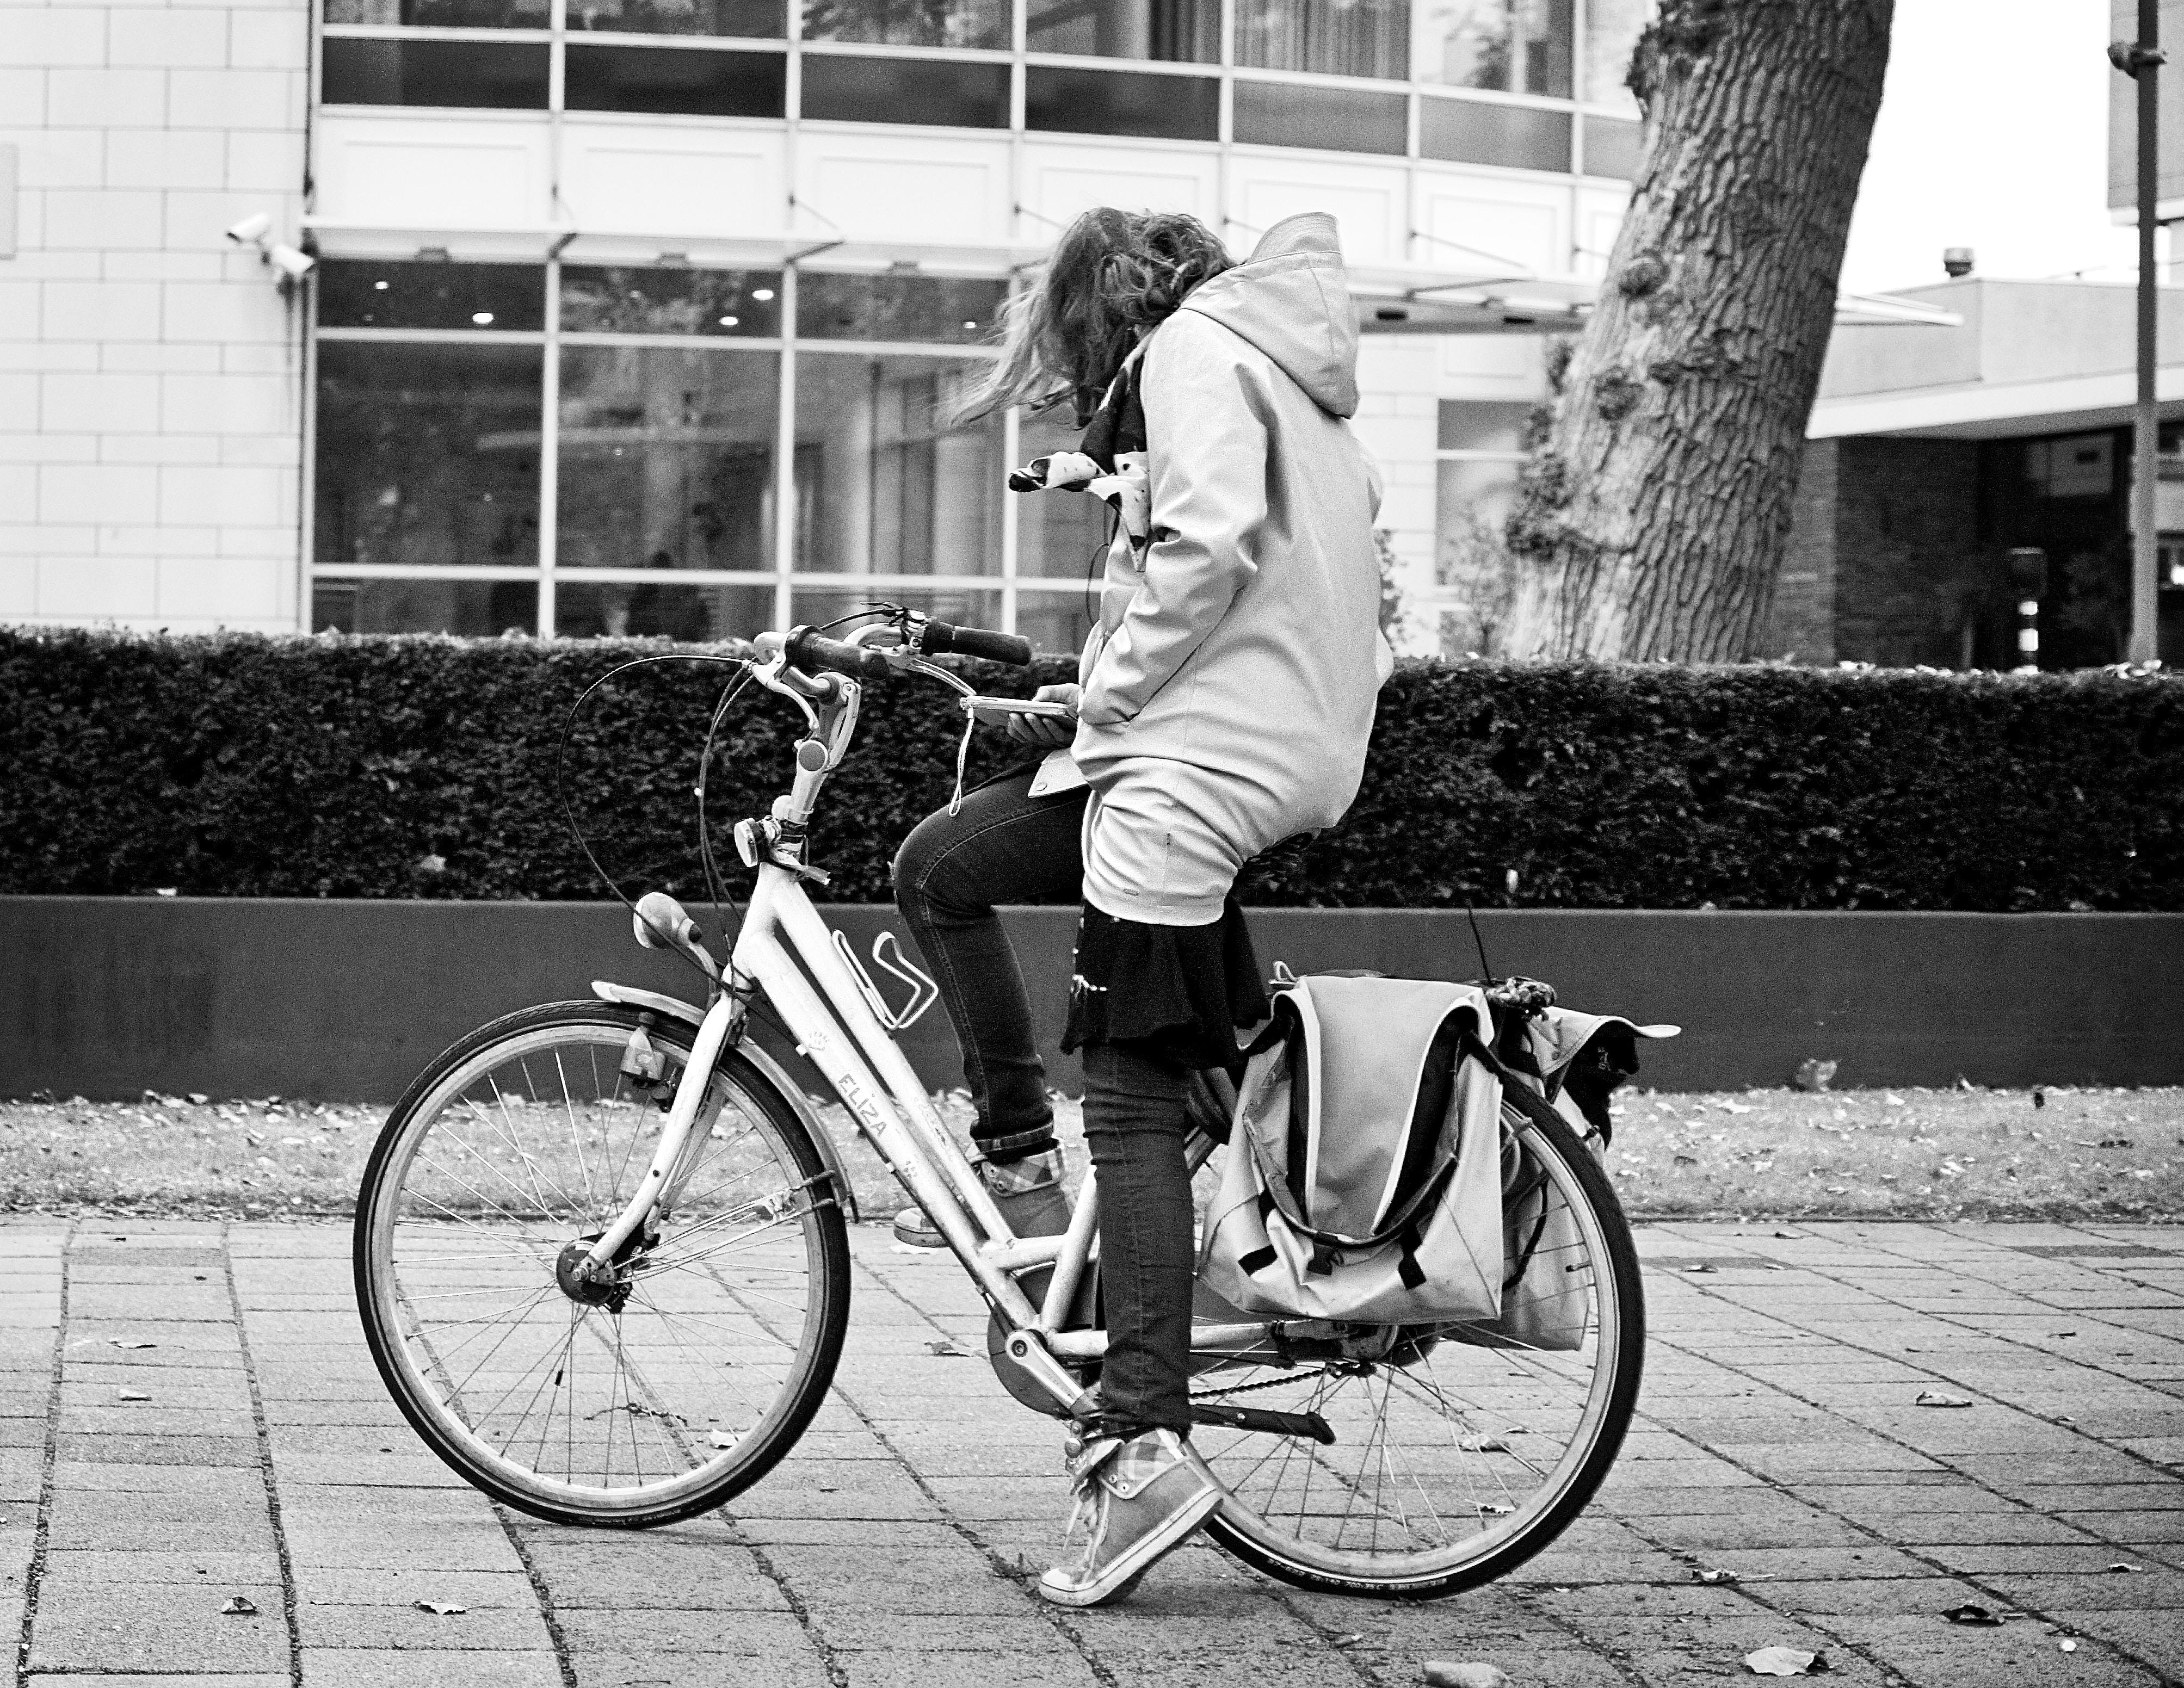 Vorrei Spostarmi In Bici Ma Poi Quanto Smog Respirerei Pensiero A Pedali